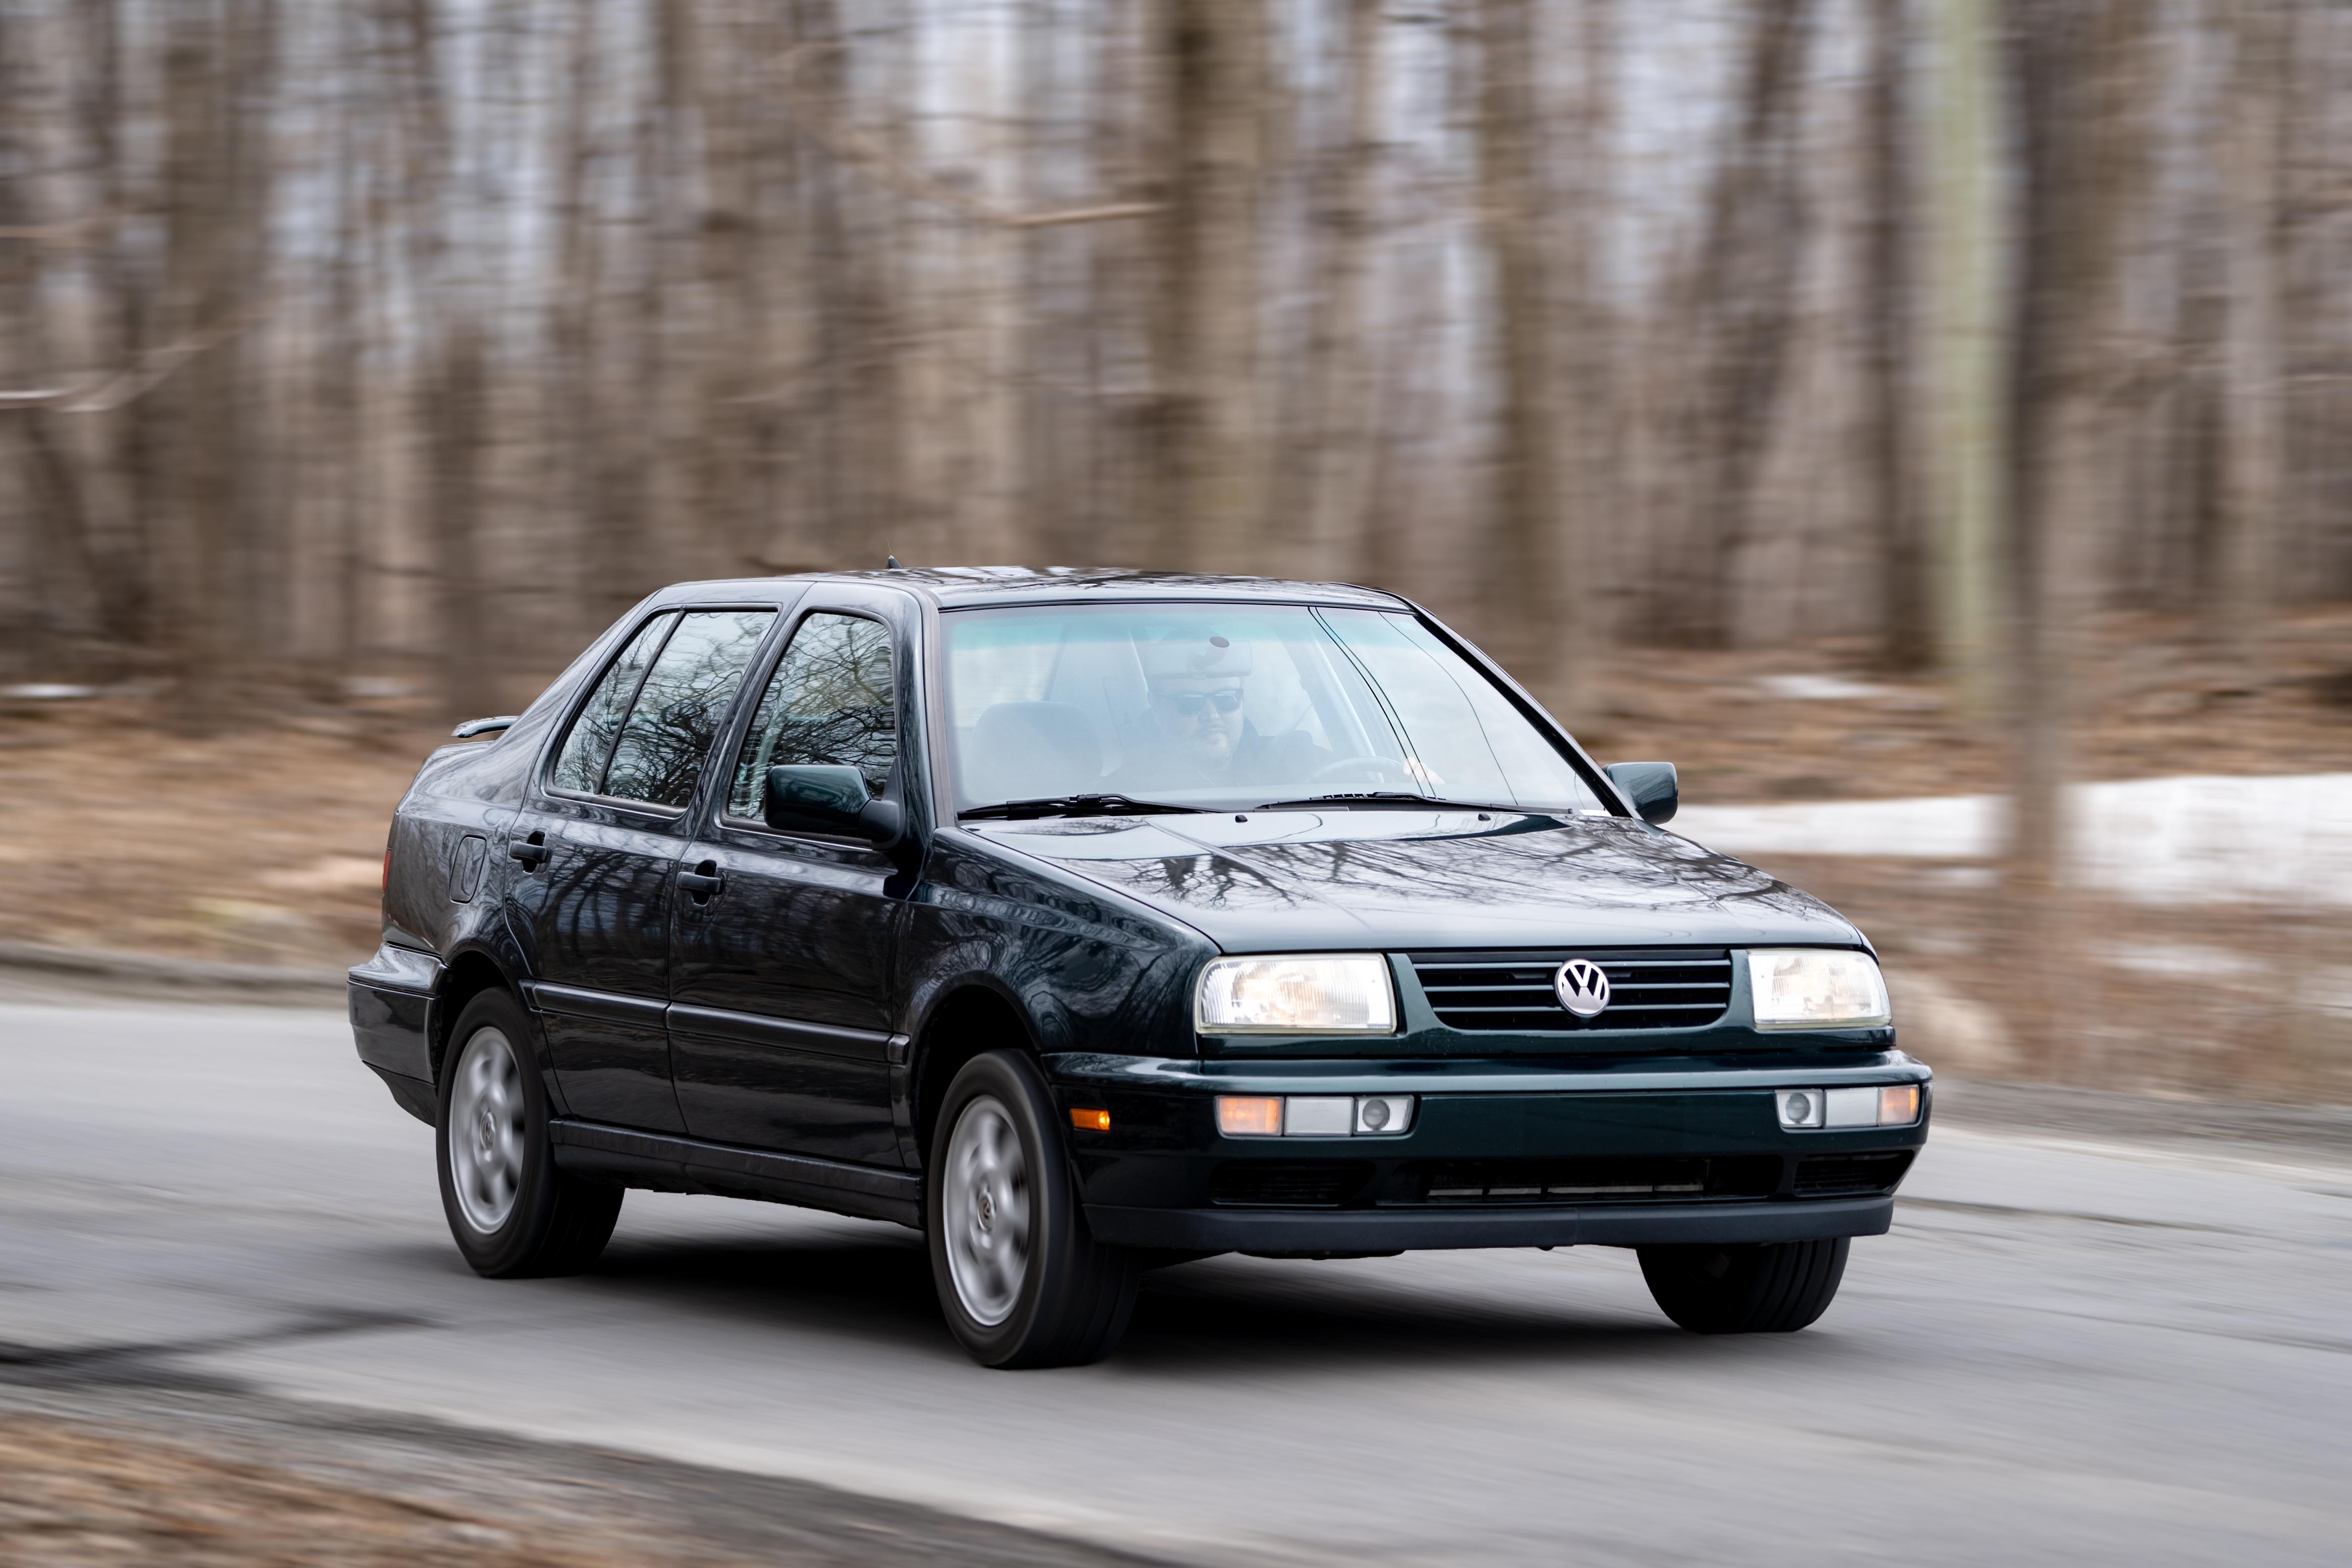 1998 volkswagen jetta glx vr6 clavey s corner 1998 volkswagen jetta glx vr6 clavey